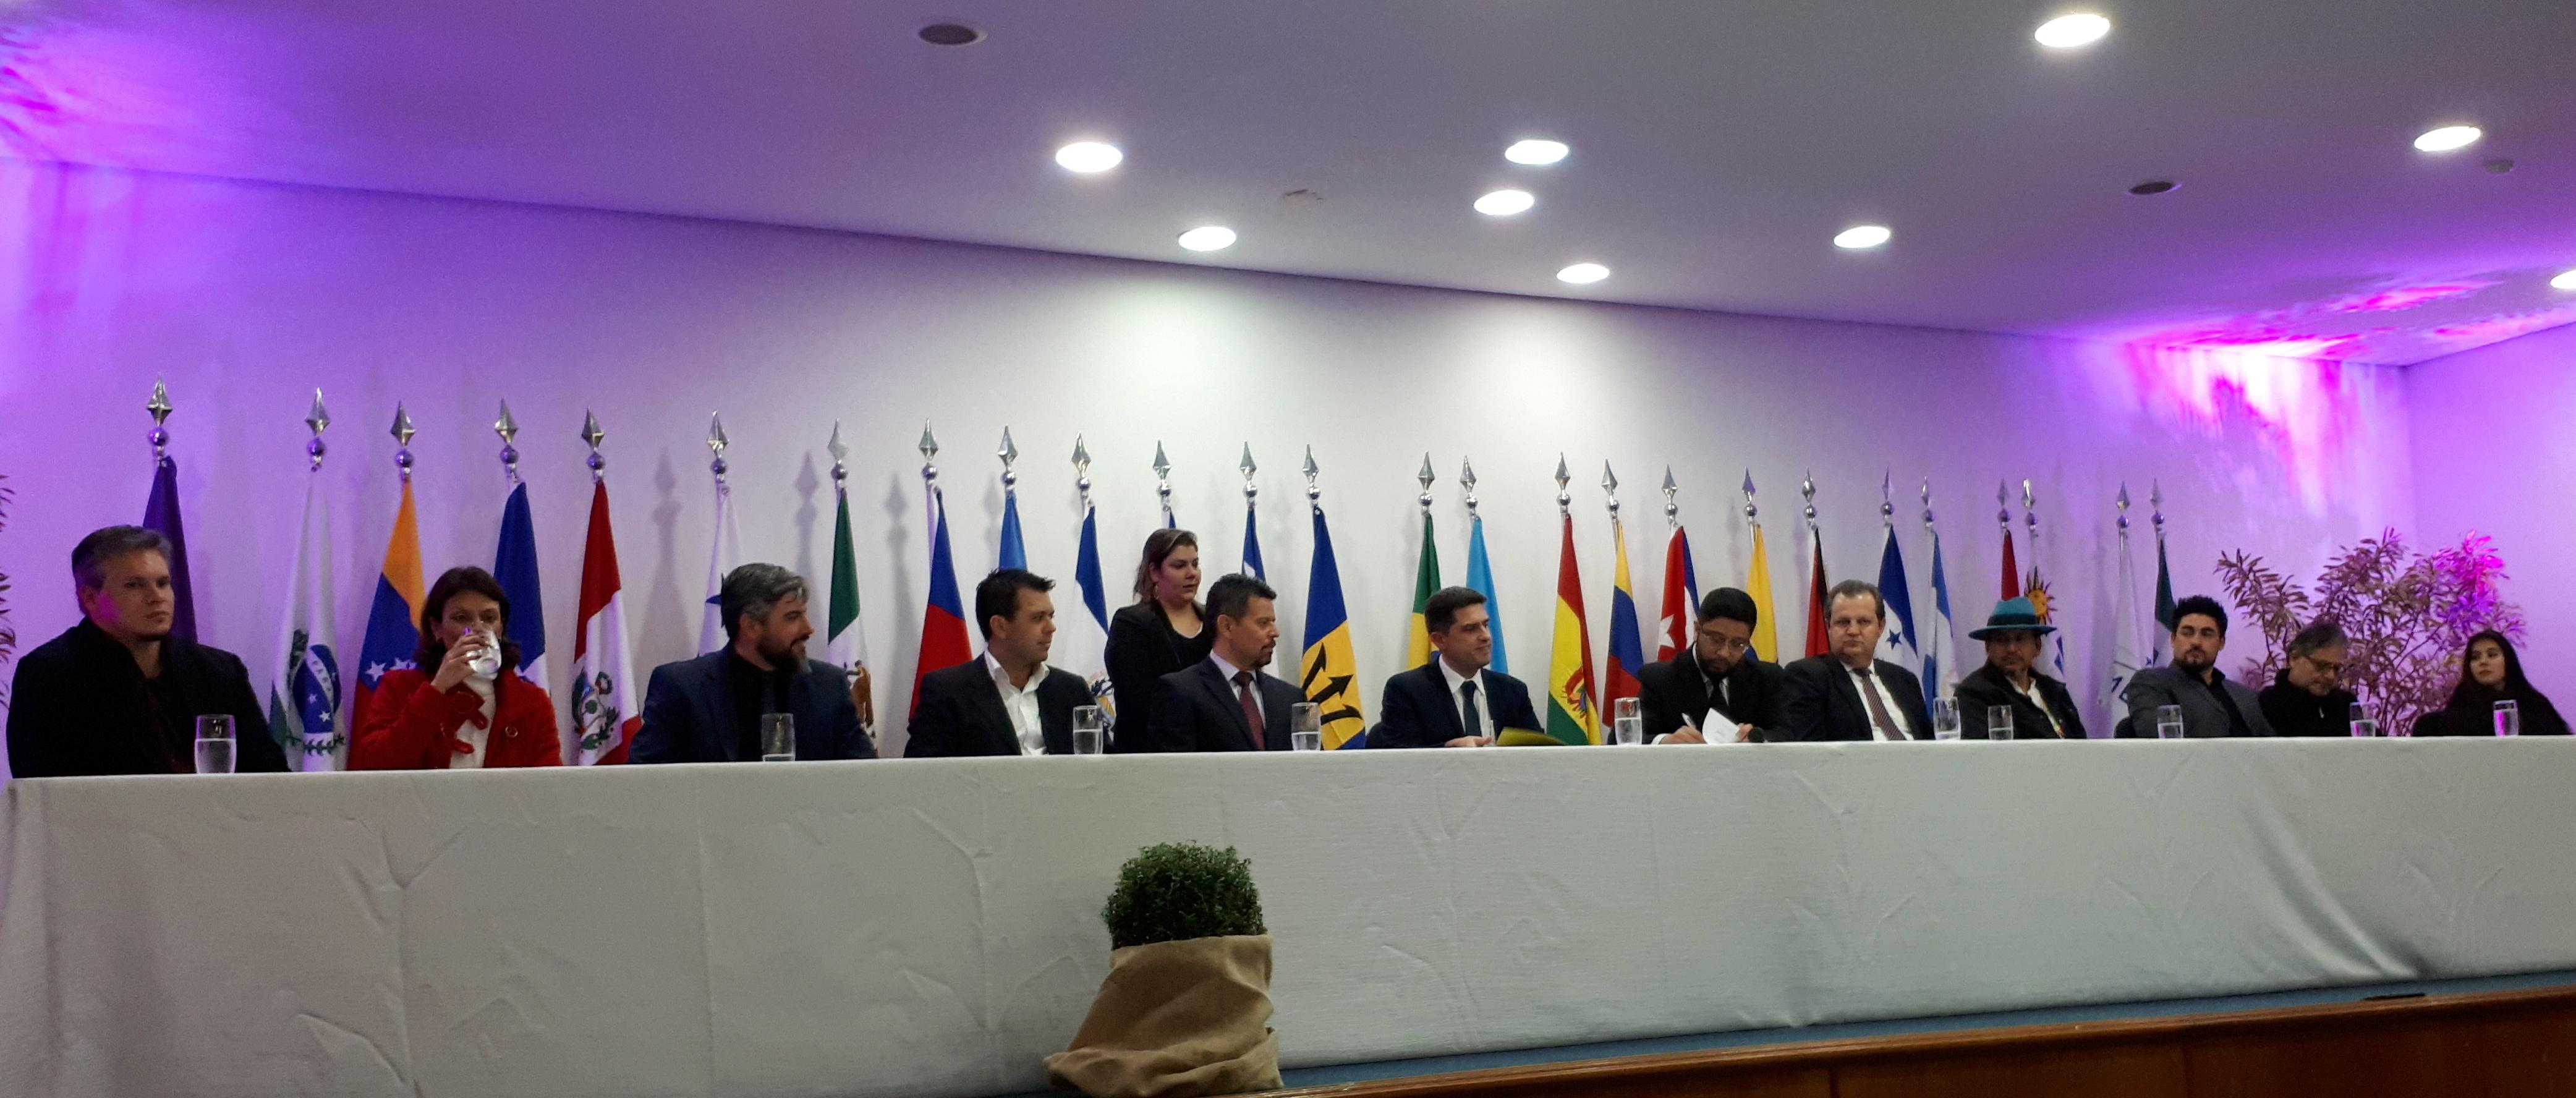 Na foto, mesa com diversas autoridades.